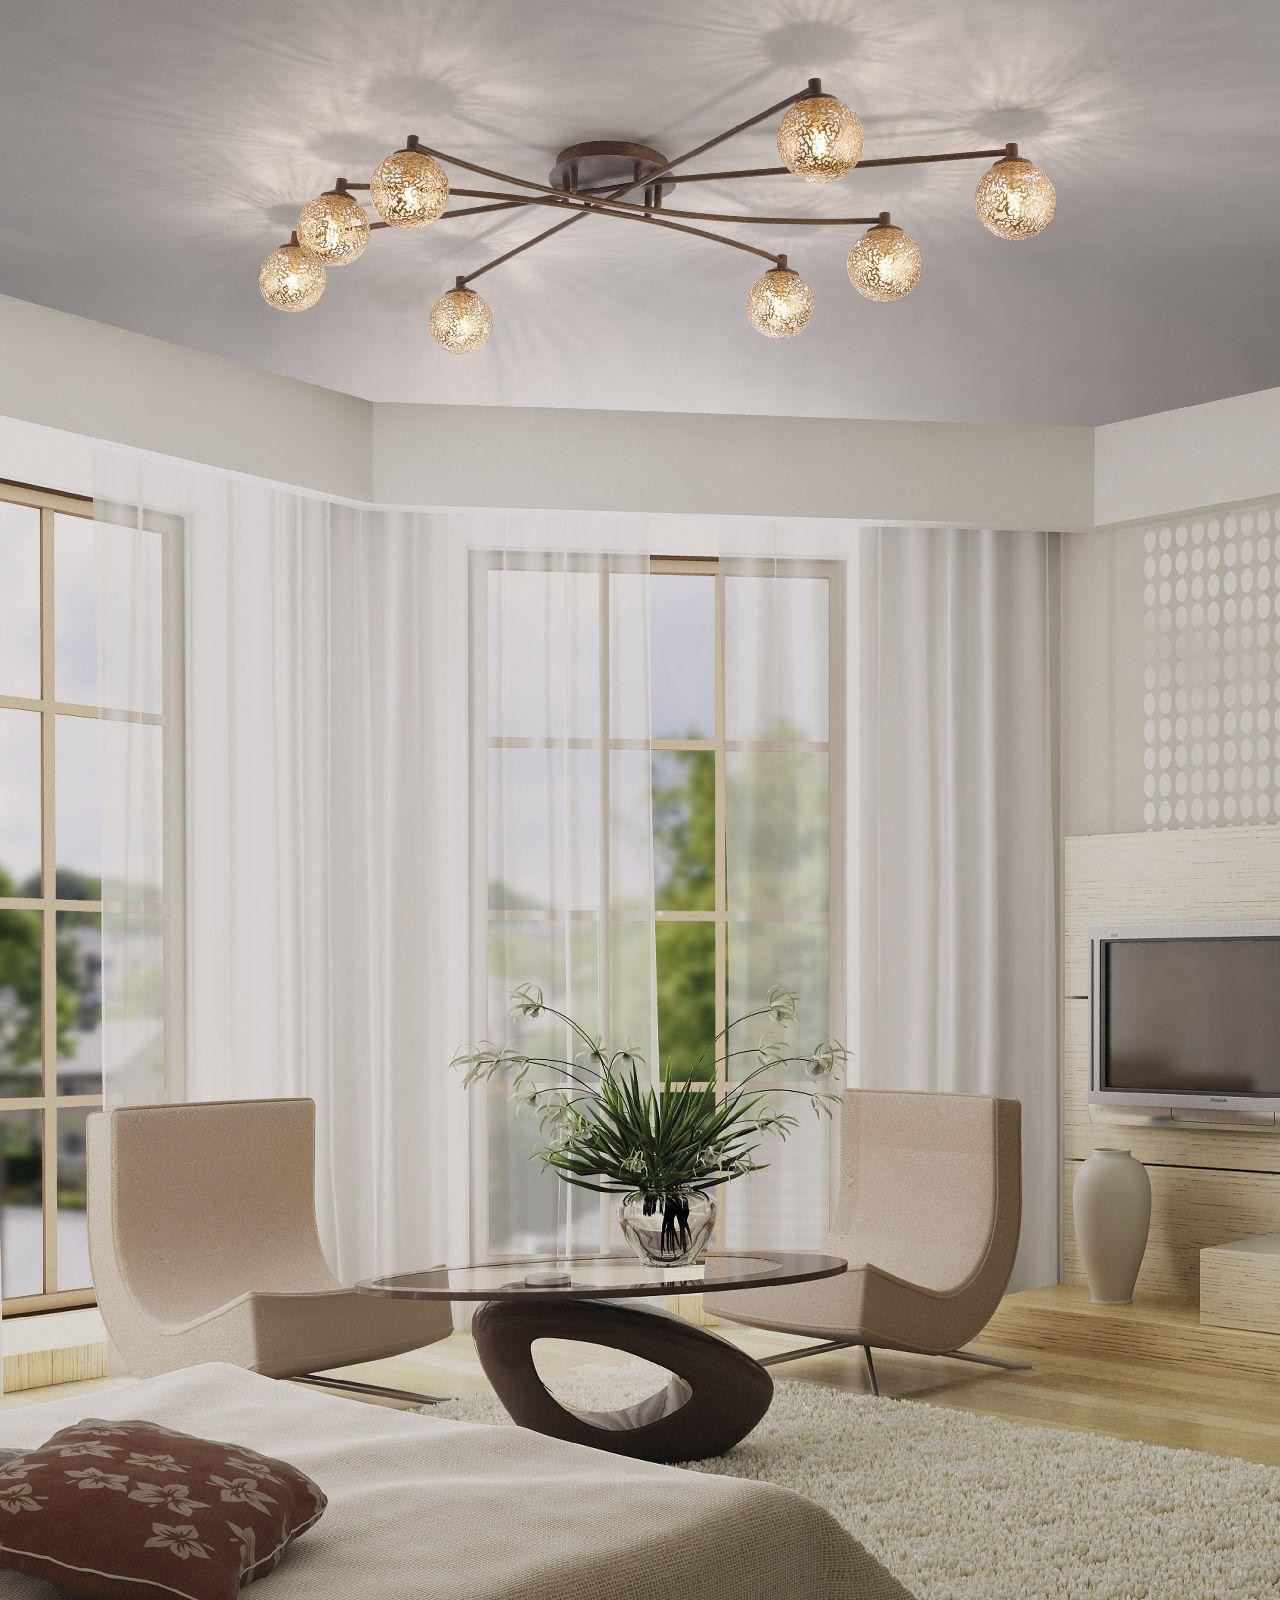 deckenleuchte paul neuhaus greta 6225 48 wohnraumlampe 8x 40 watt g9 4012248291337 ebay. Black Bedroom Furniture Sets. Home Design Ideas